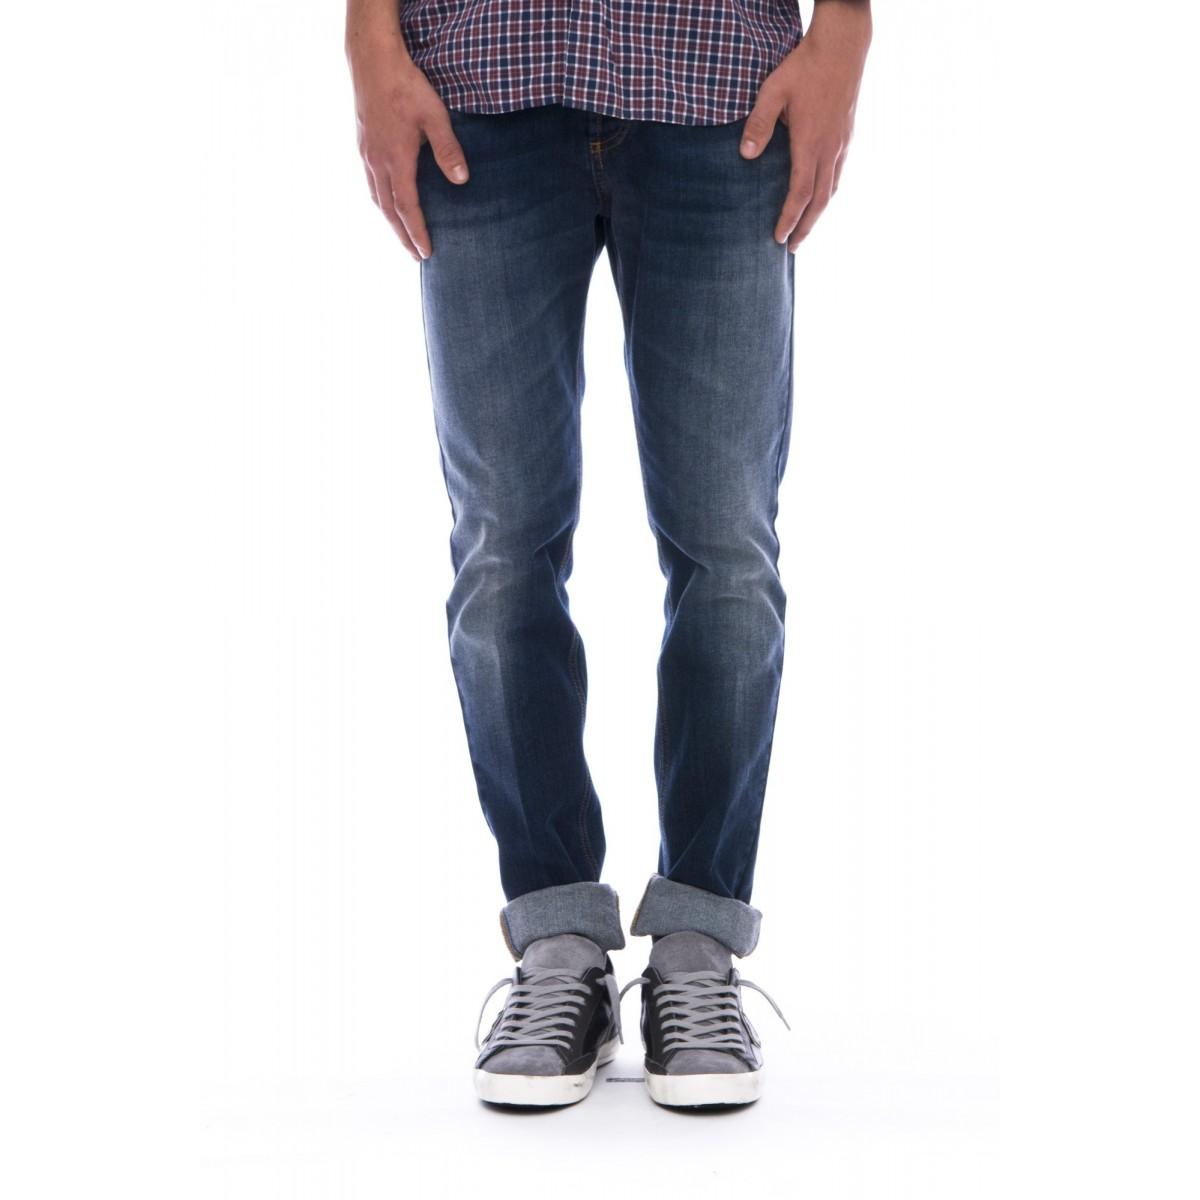 Jeans Entre amis - 8282/206 jeans strech